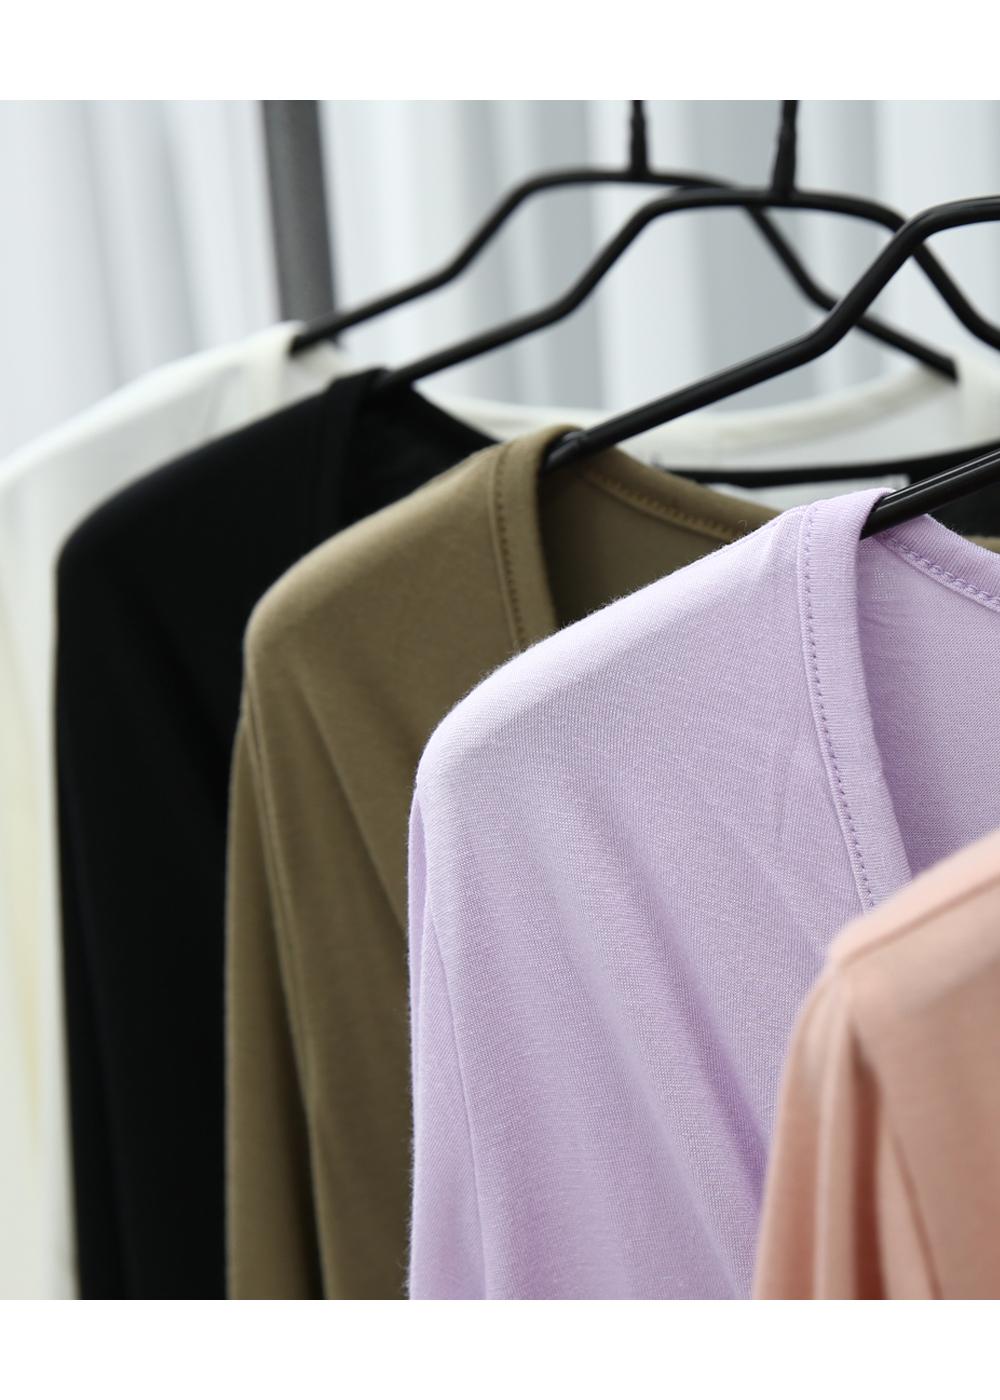 連衣裙產品詳細圖片-S1L15